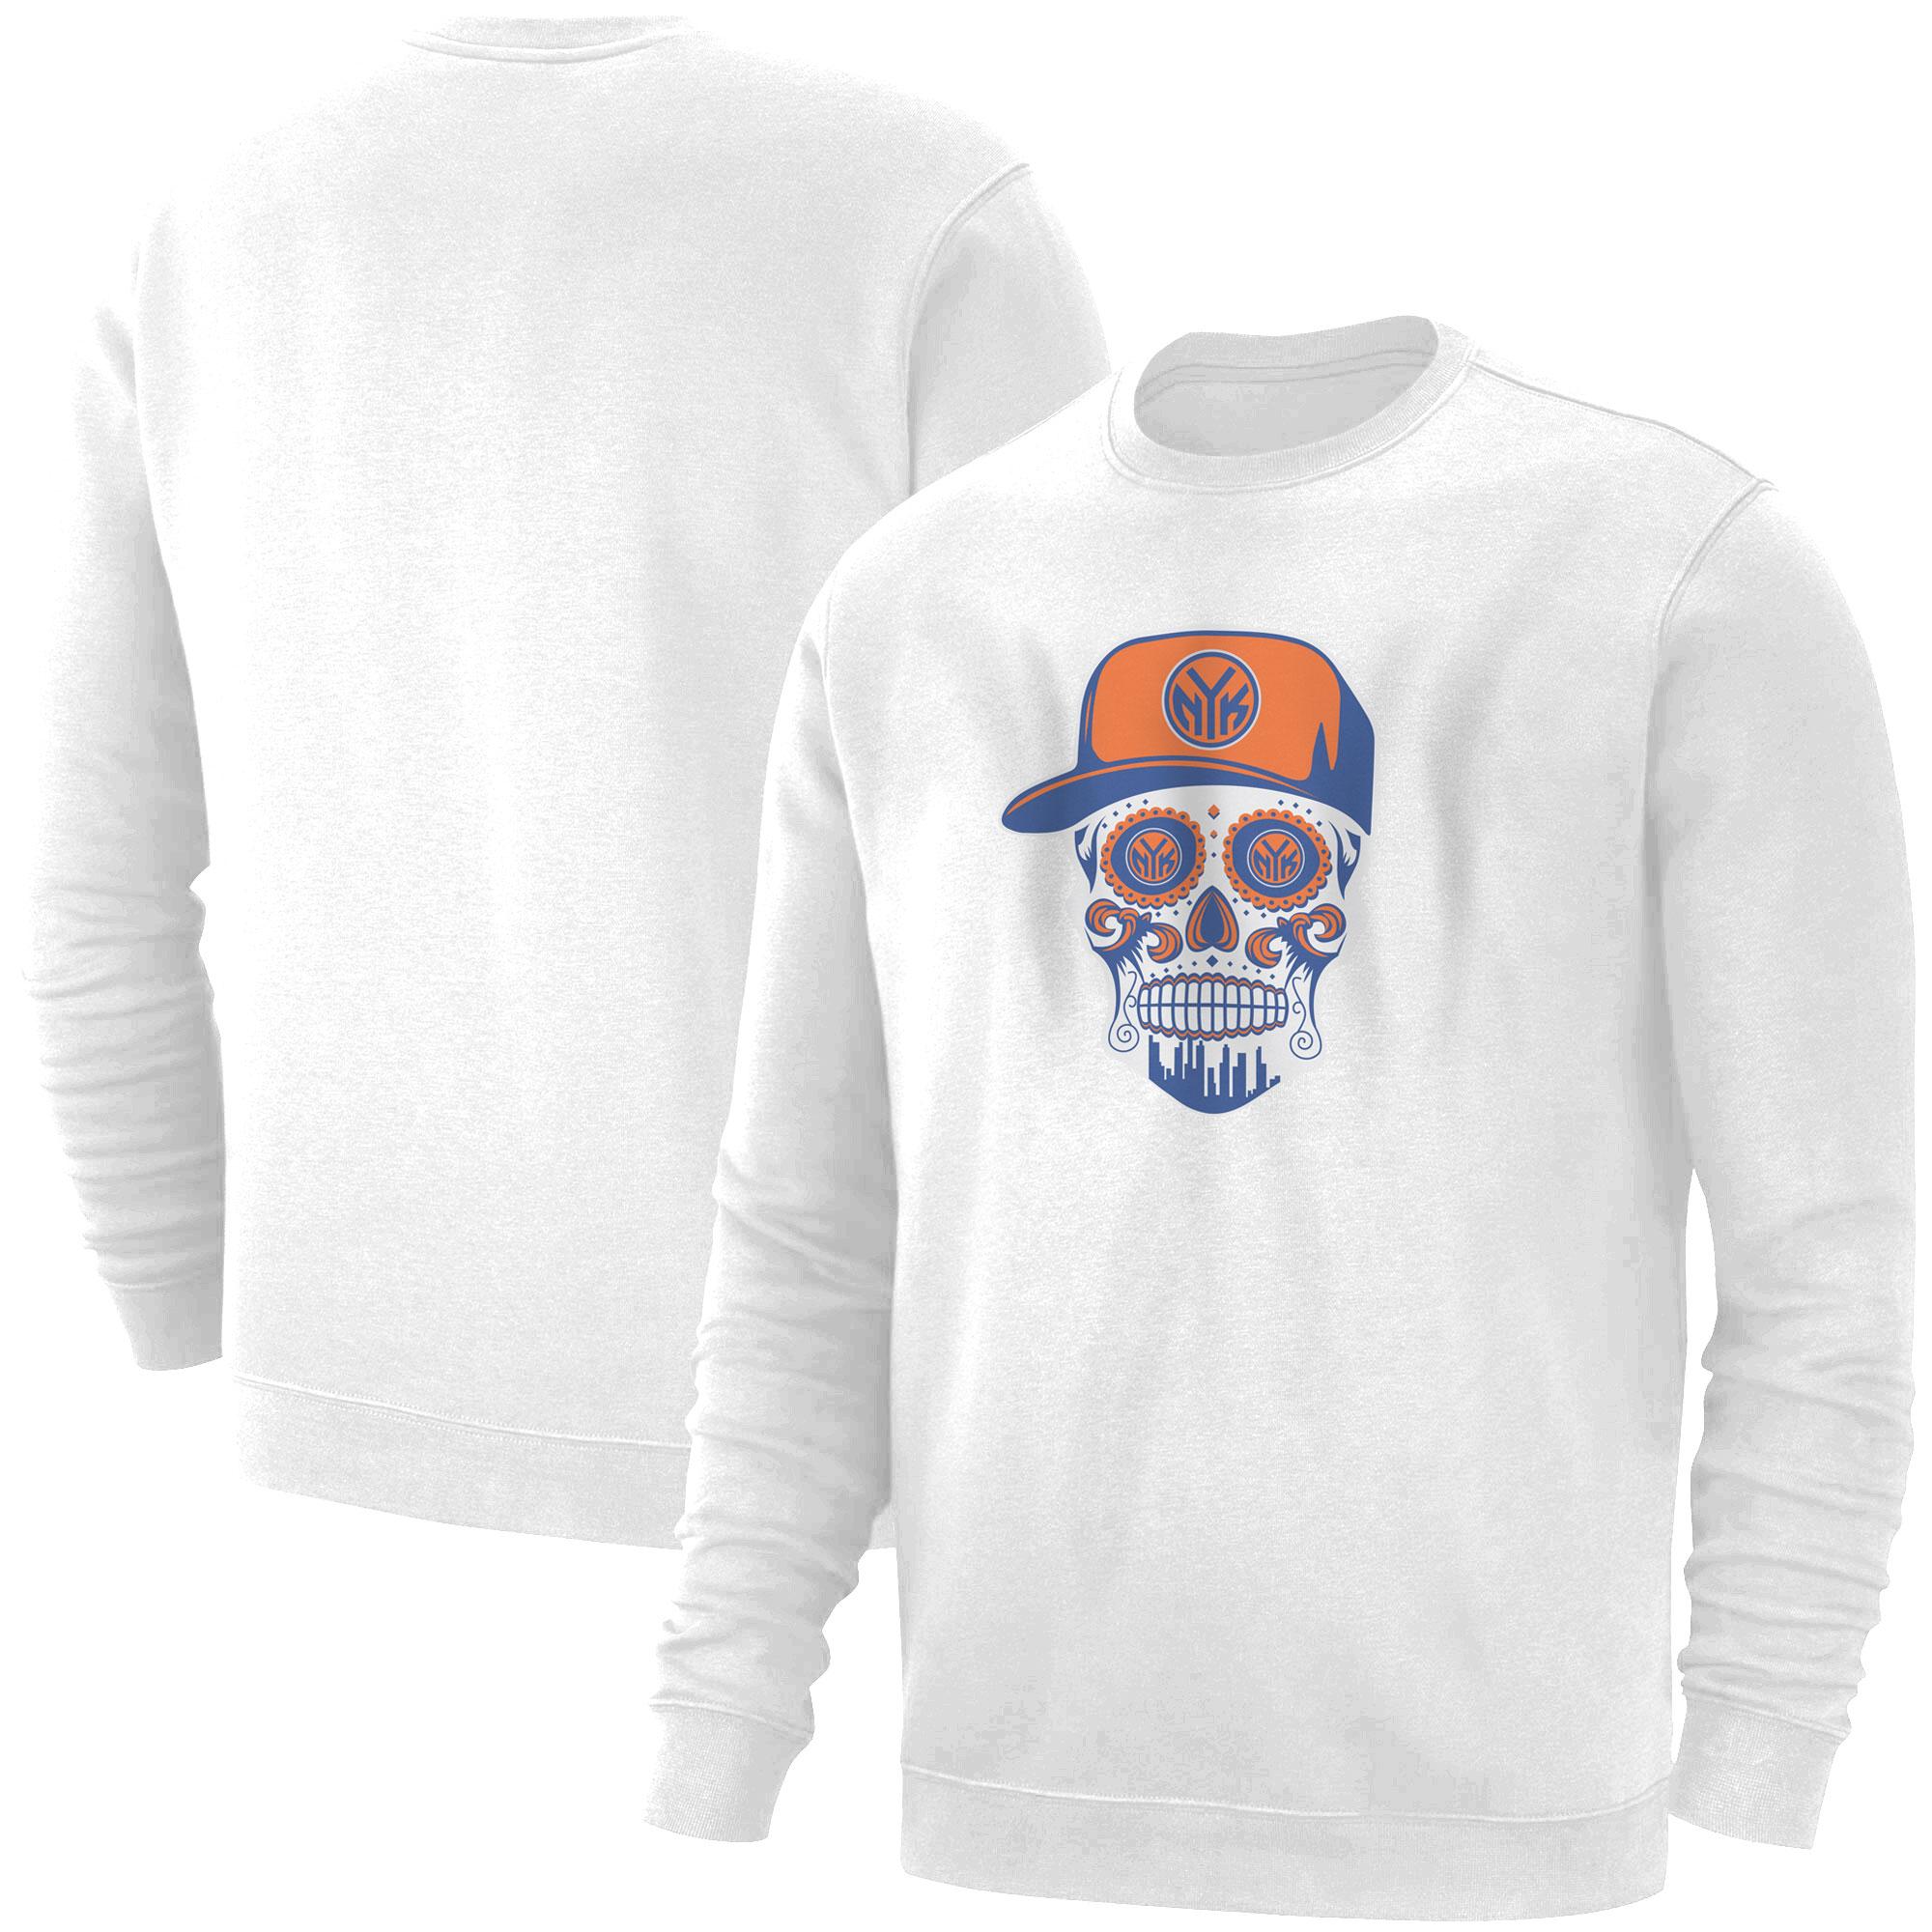 Knicks Skull  Basic (BSC-WHT-NP-458-NBA-NYK-SKULL)